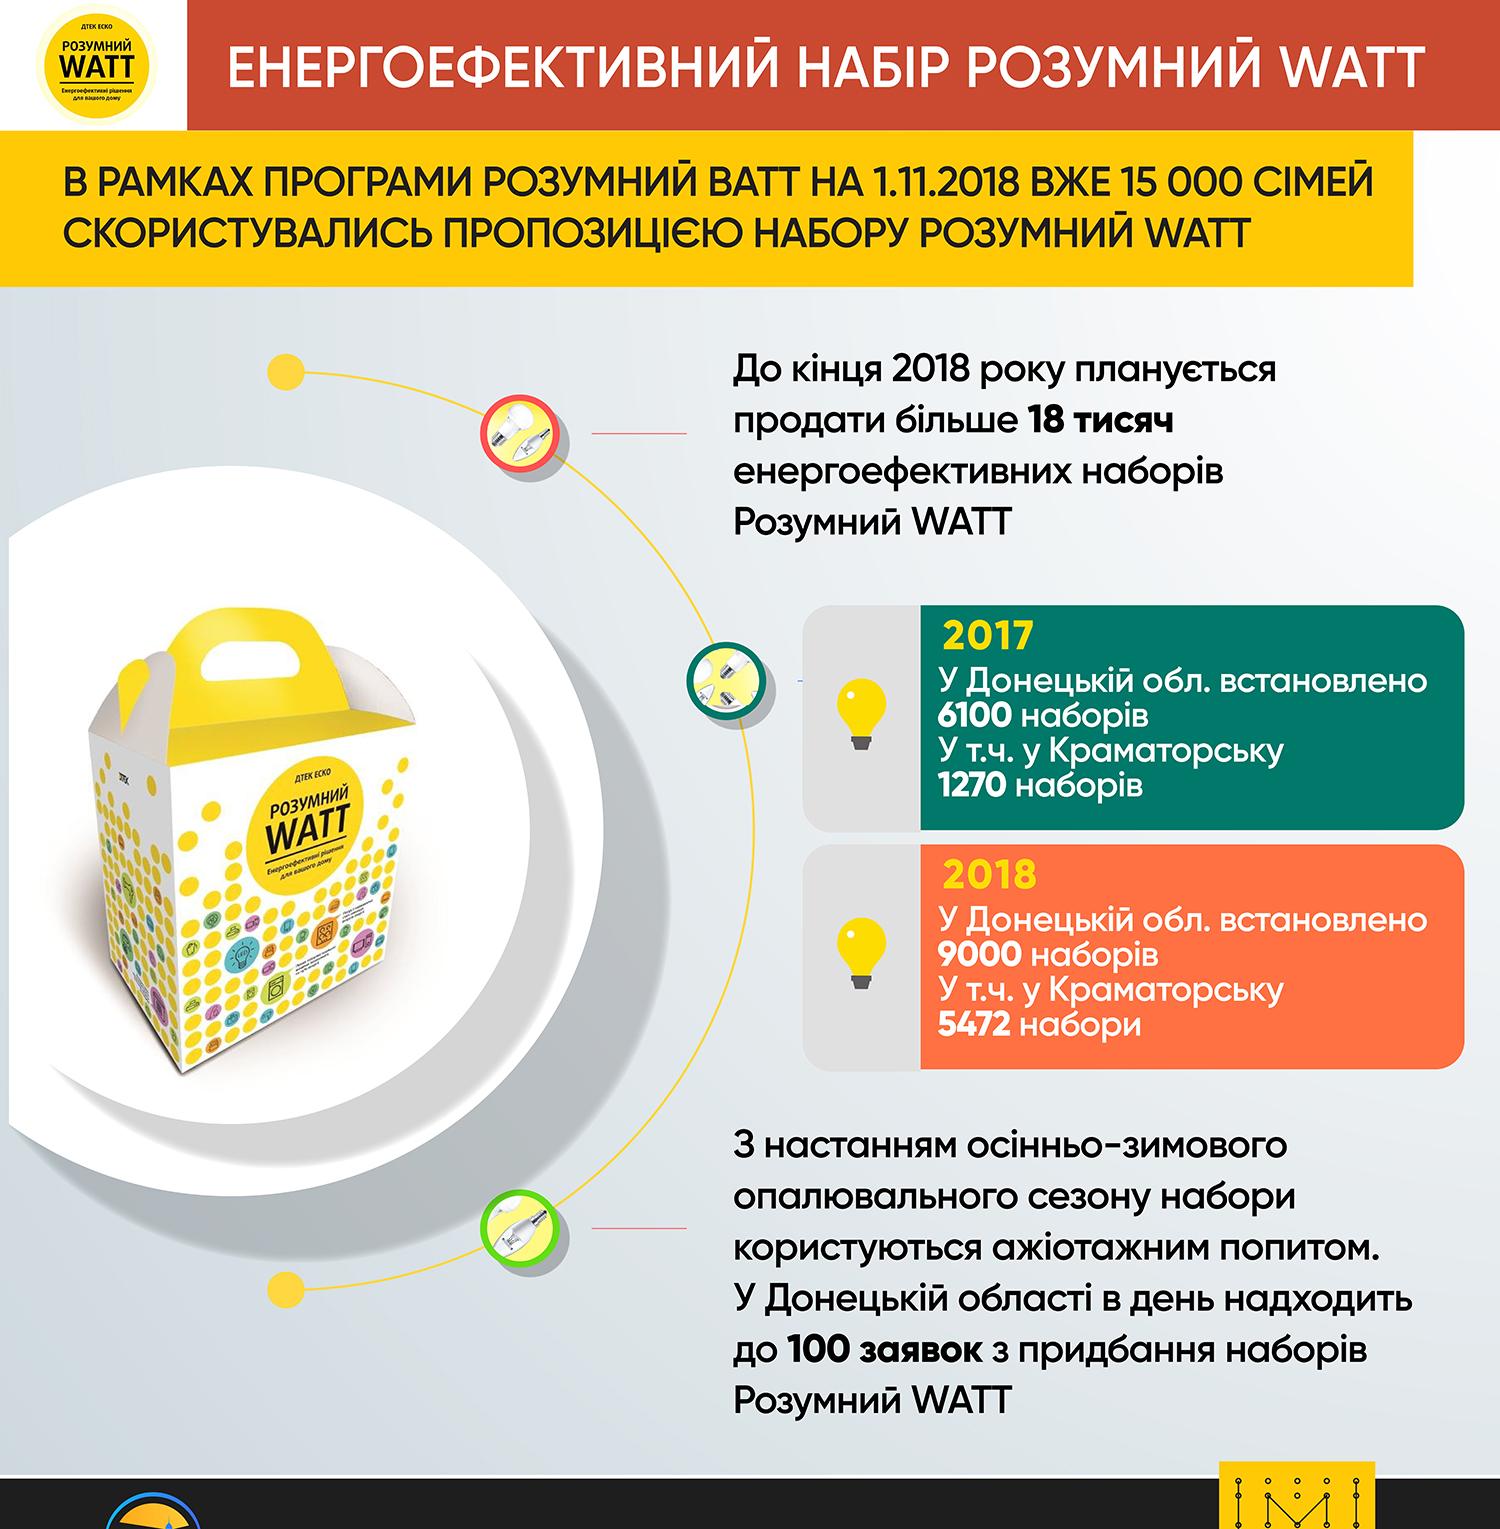 «Розумний WATT»: заощадити гроші на фоні реформувань та здорожчання цін на енергоносії - Фото №1